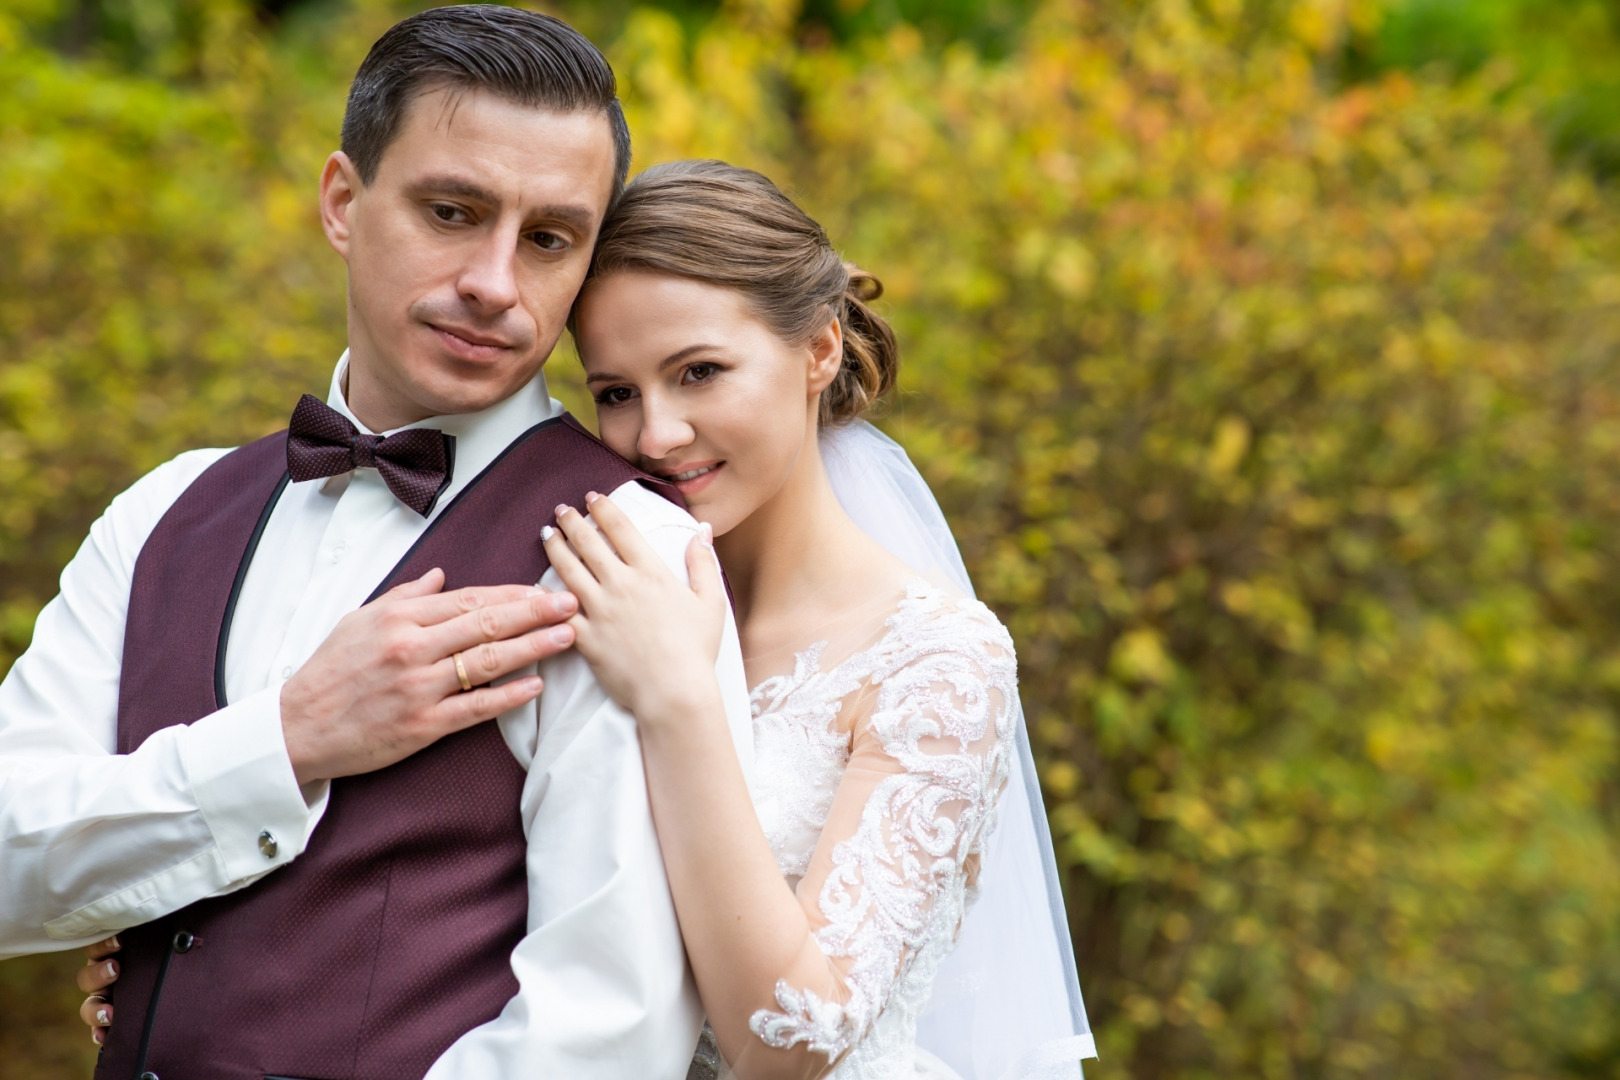 мире отзывы свадебного фотографа данным